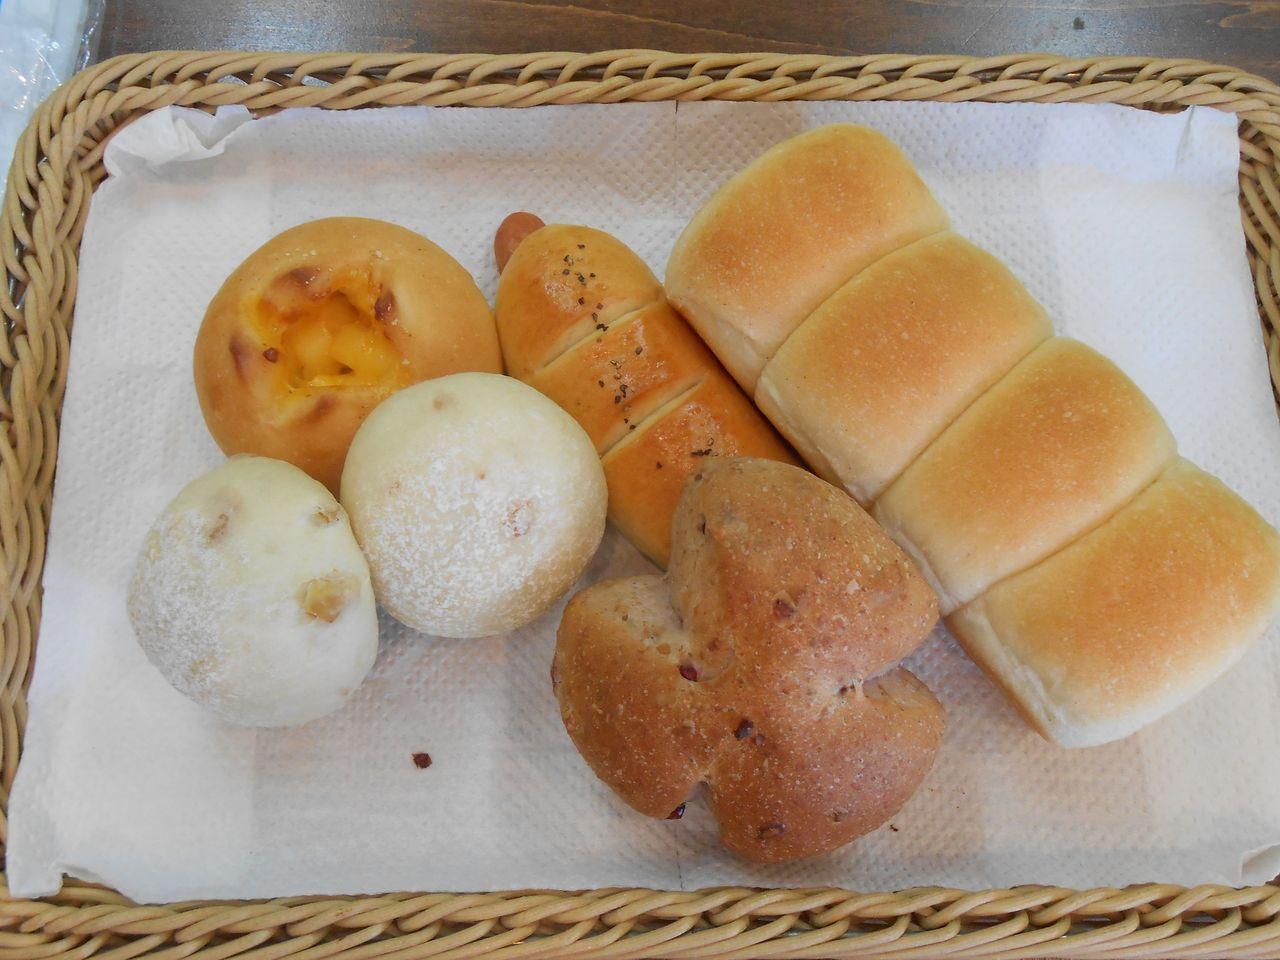 ベーカリートミタさんで人気のちぎりパン・チーズボール・くるみパンなどです!